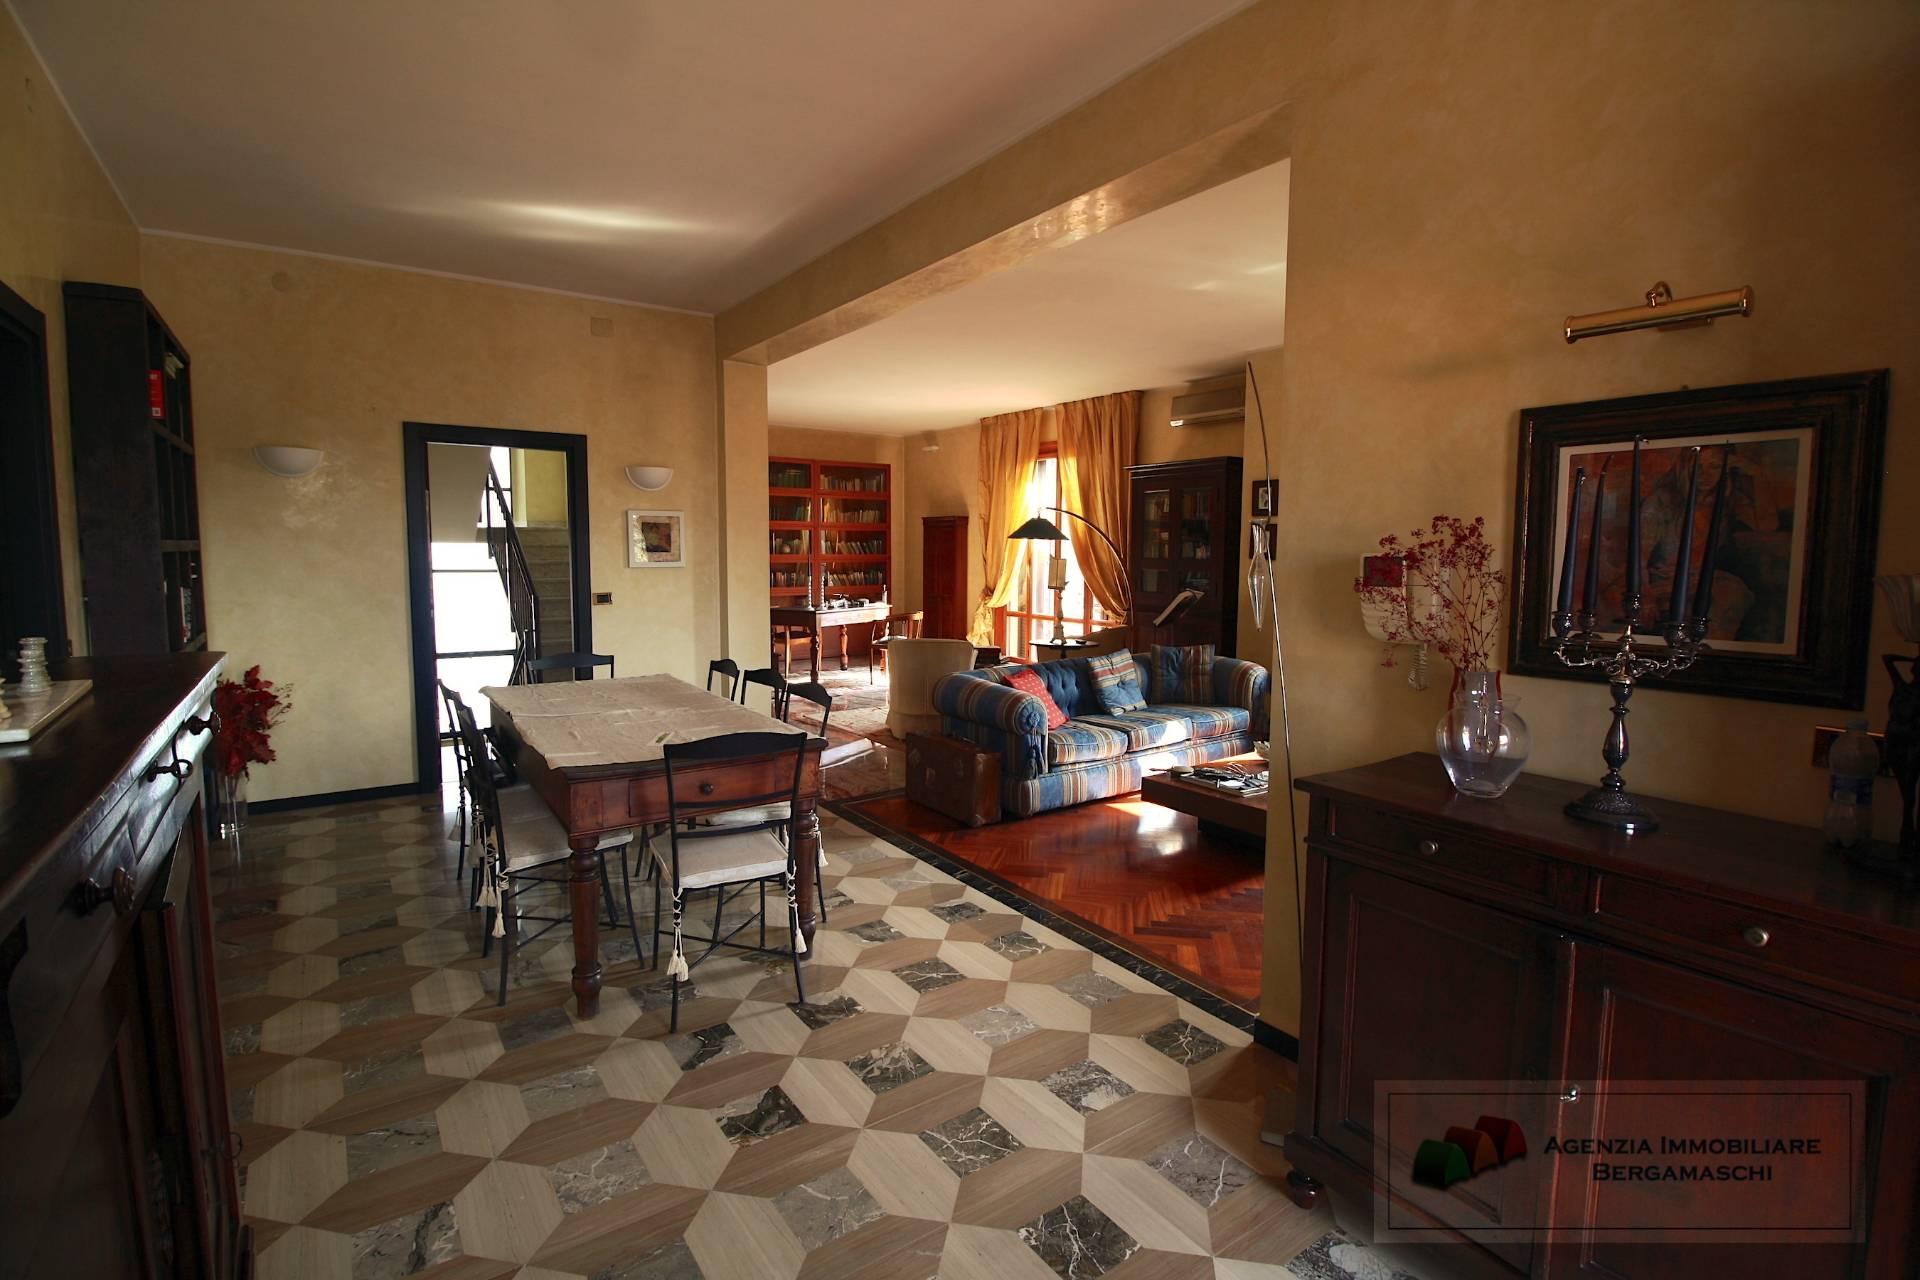 Foto 1 di Casa indipendente Via Marconi, Gattatico